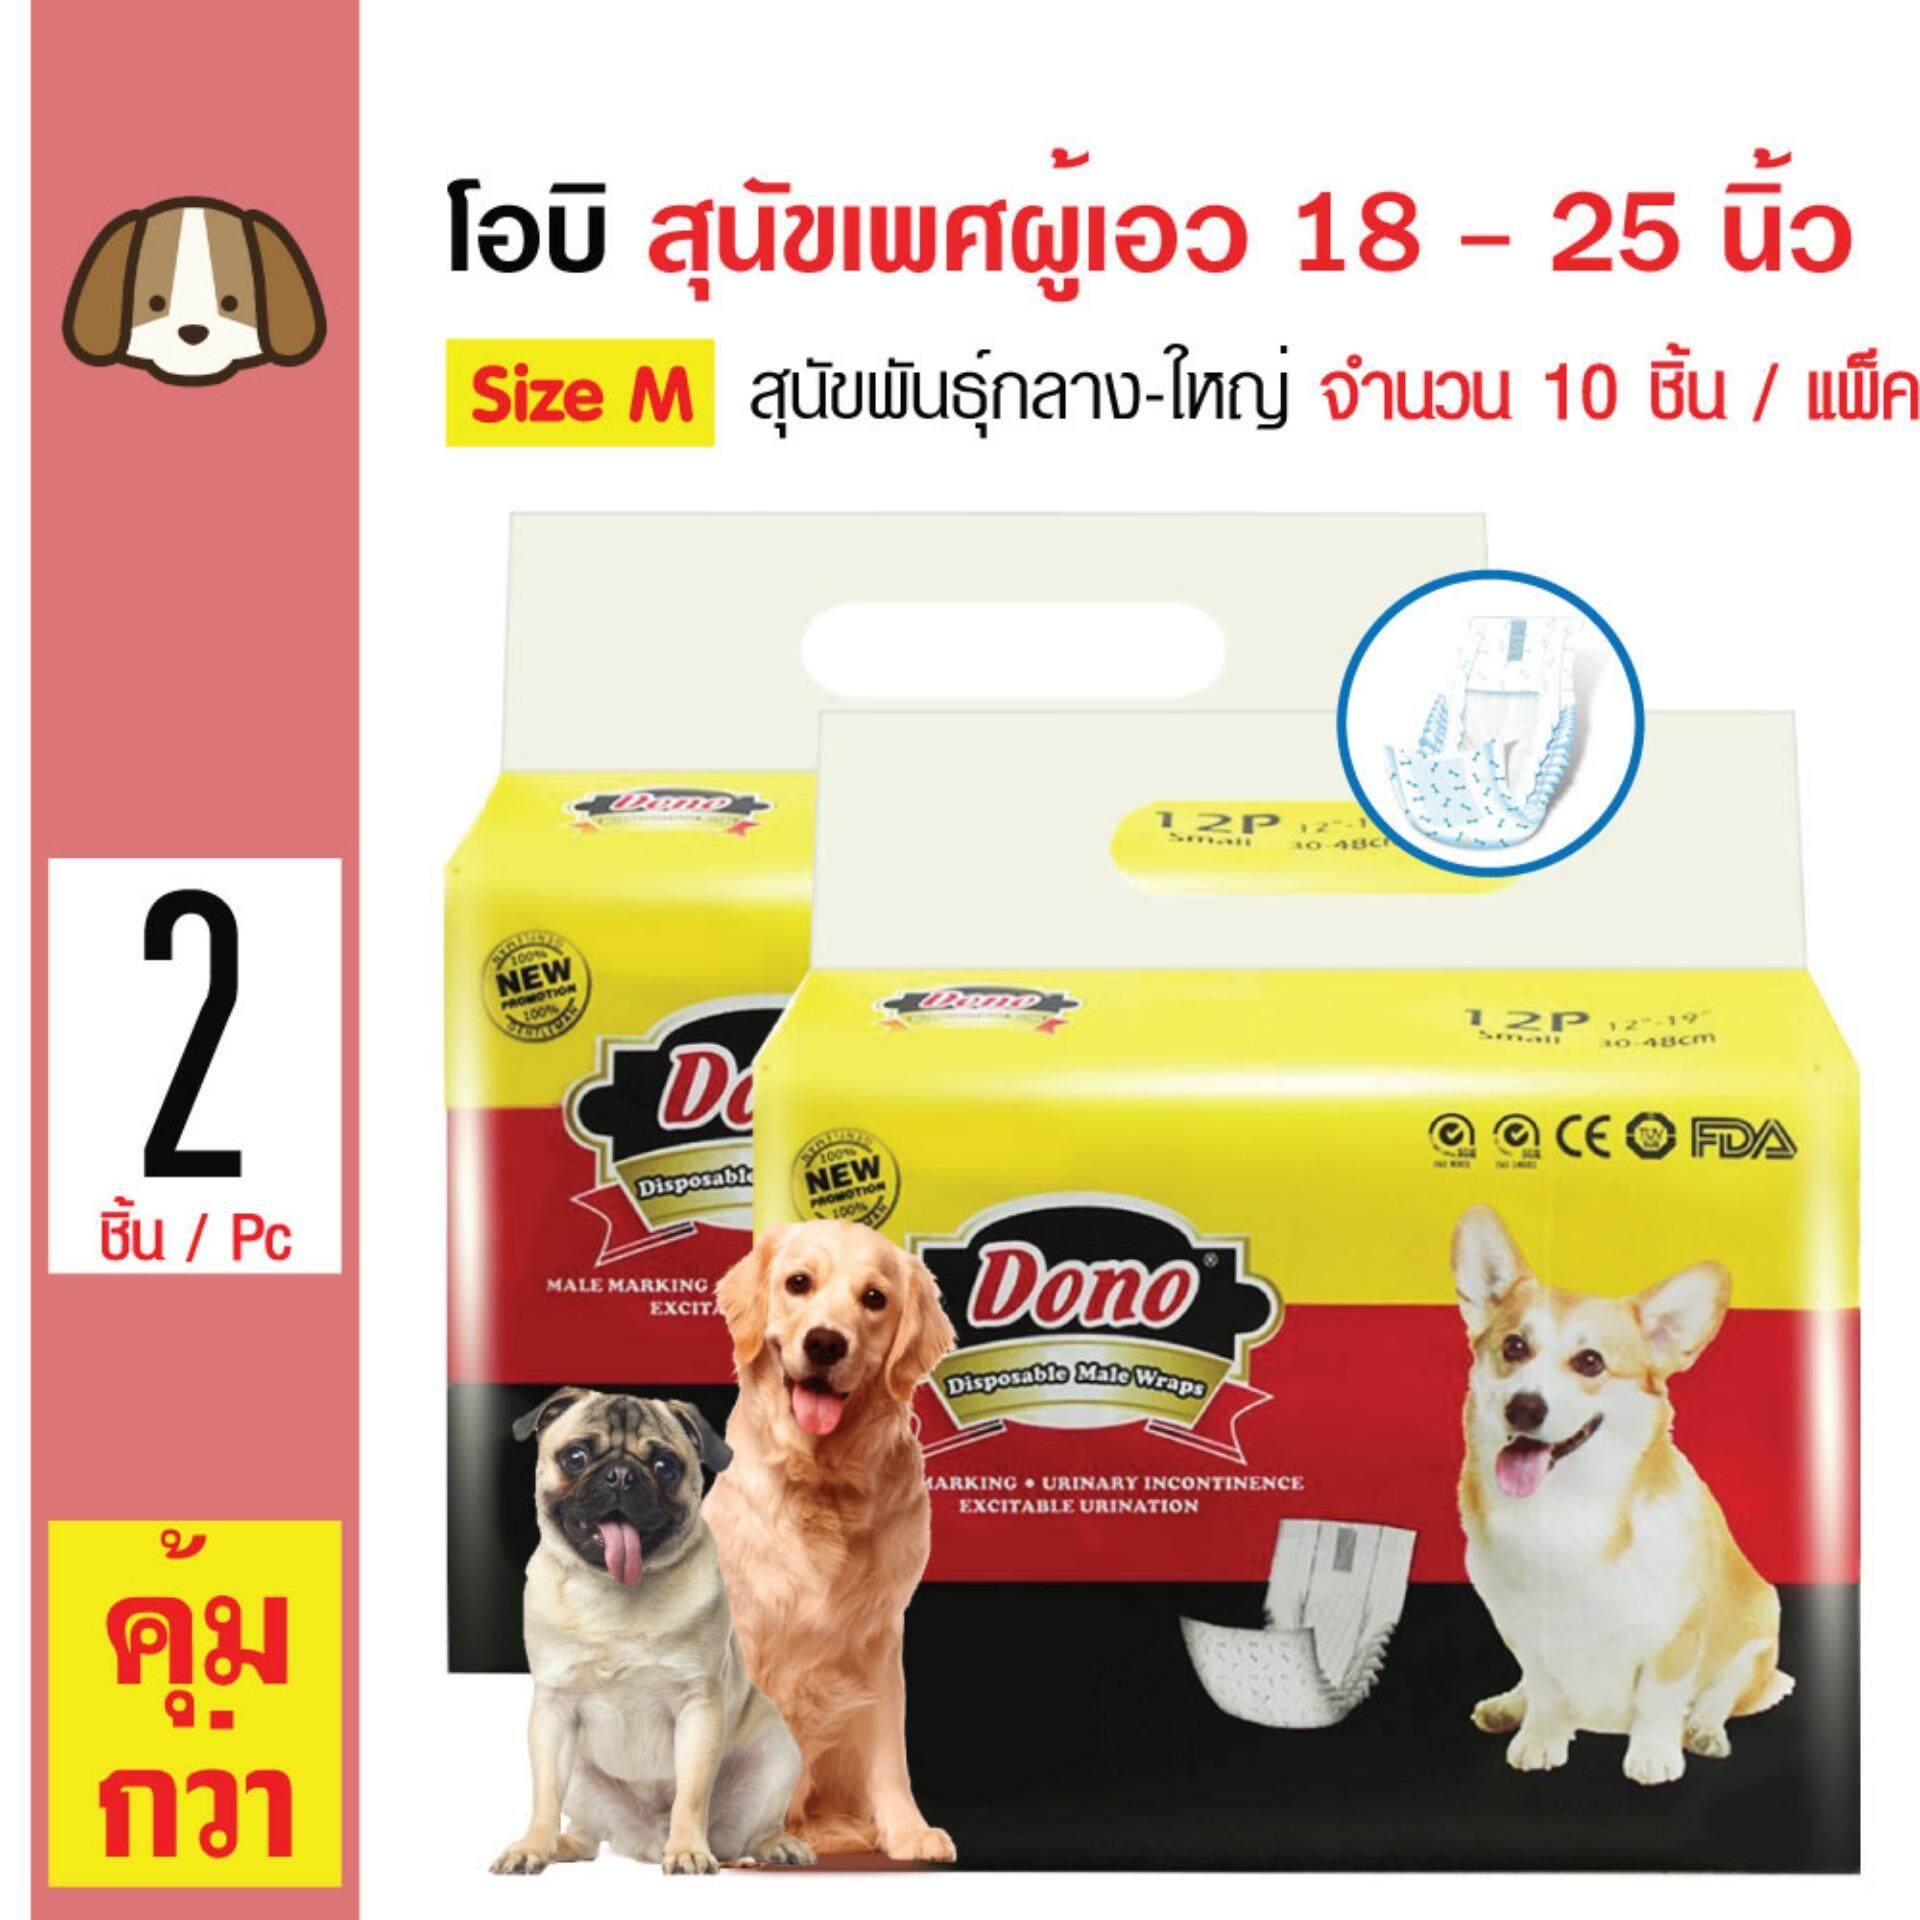 Dono Male Wraps โอบิสุนัข ผ้าอ้อมสุนัข ป้องกันฉี่และผสมพันธุ์ สำหรับสุนัขเพศผู้ Size M ขนาดเอว 18-25 นิ้ว (10 ชิ้น/ แพ็ค) X 2 แพ็ค.